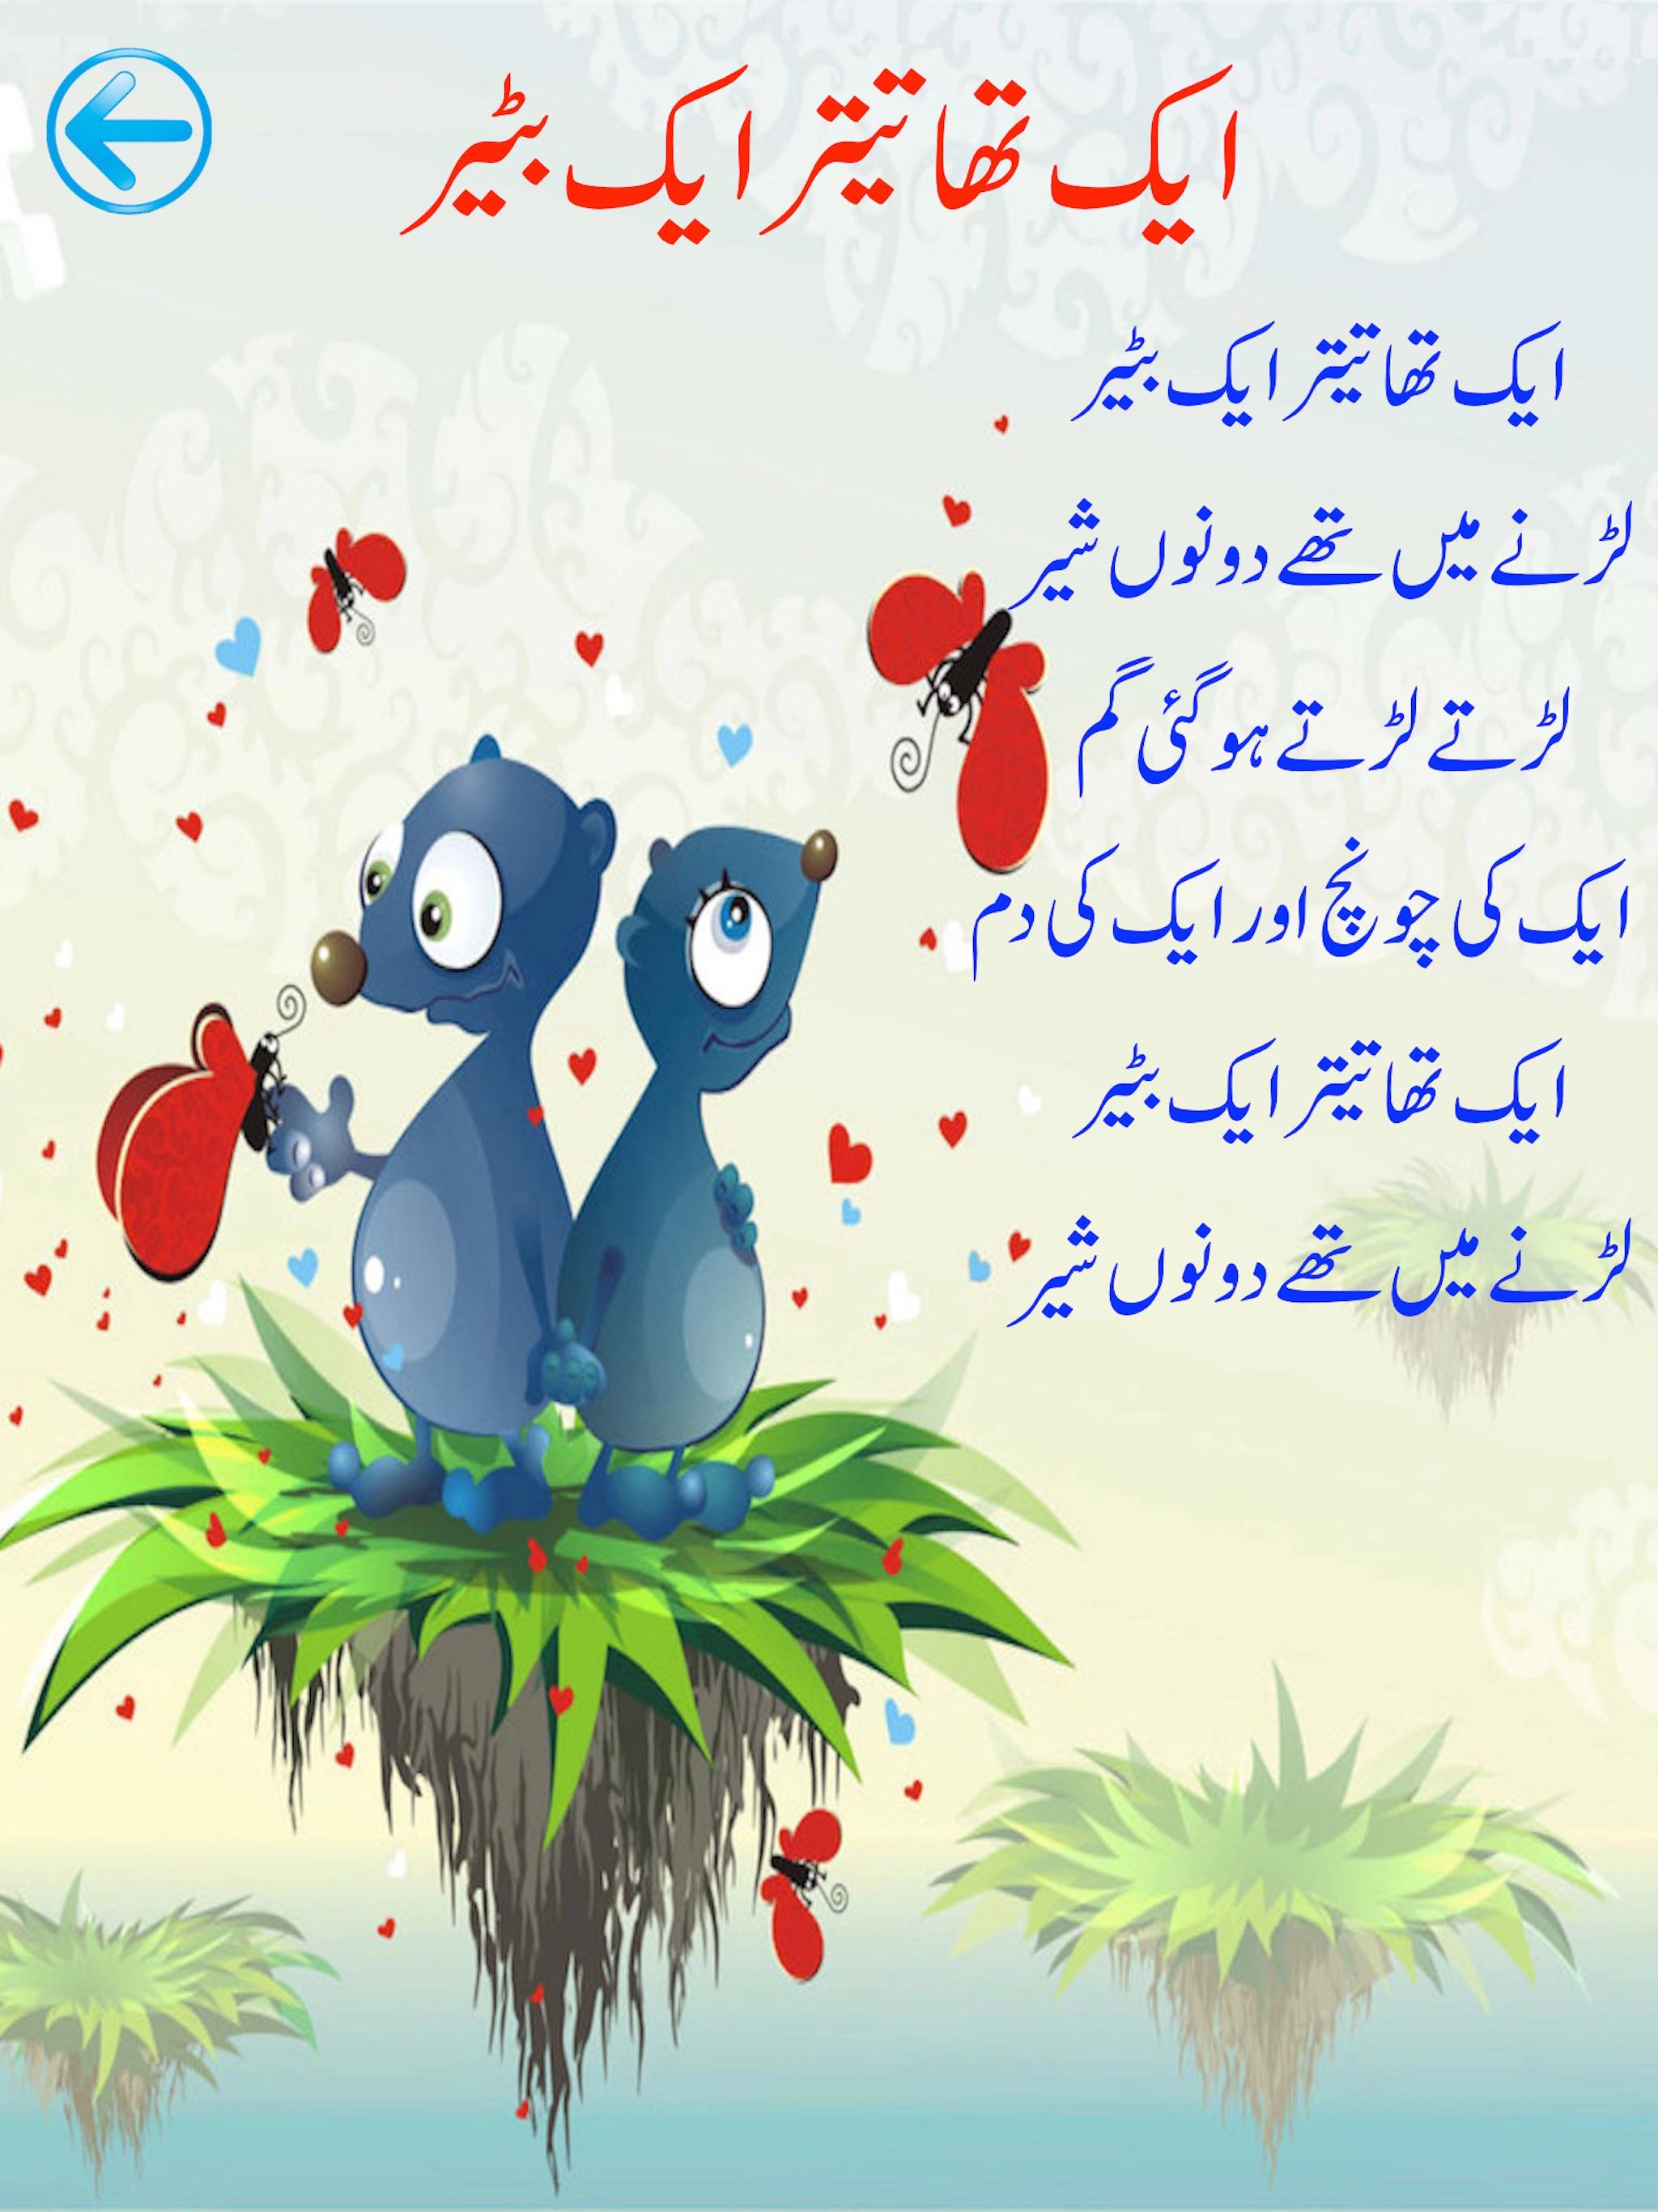 My Rhymes Pakistan urdu poetry Screenshot